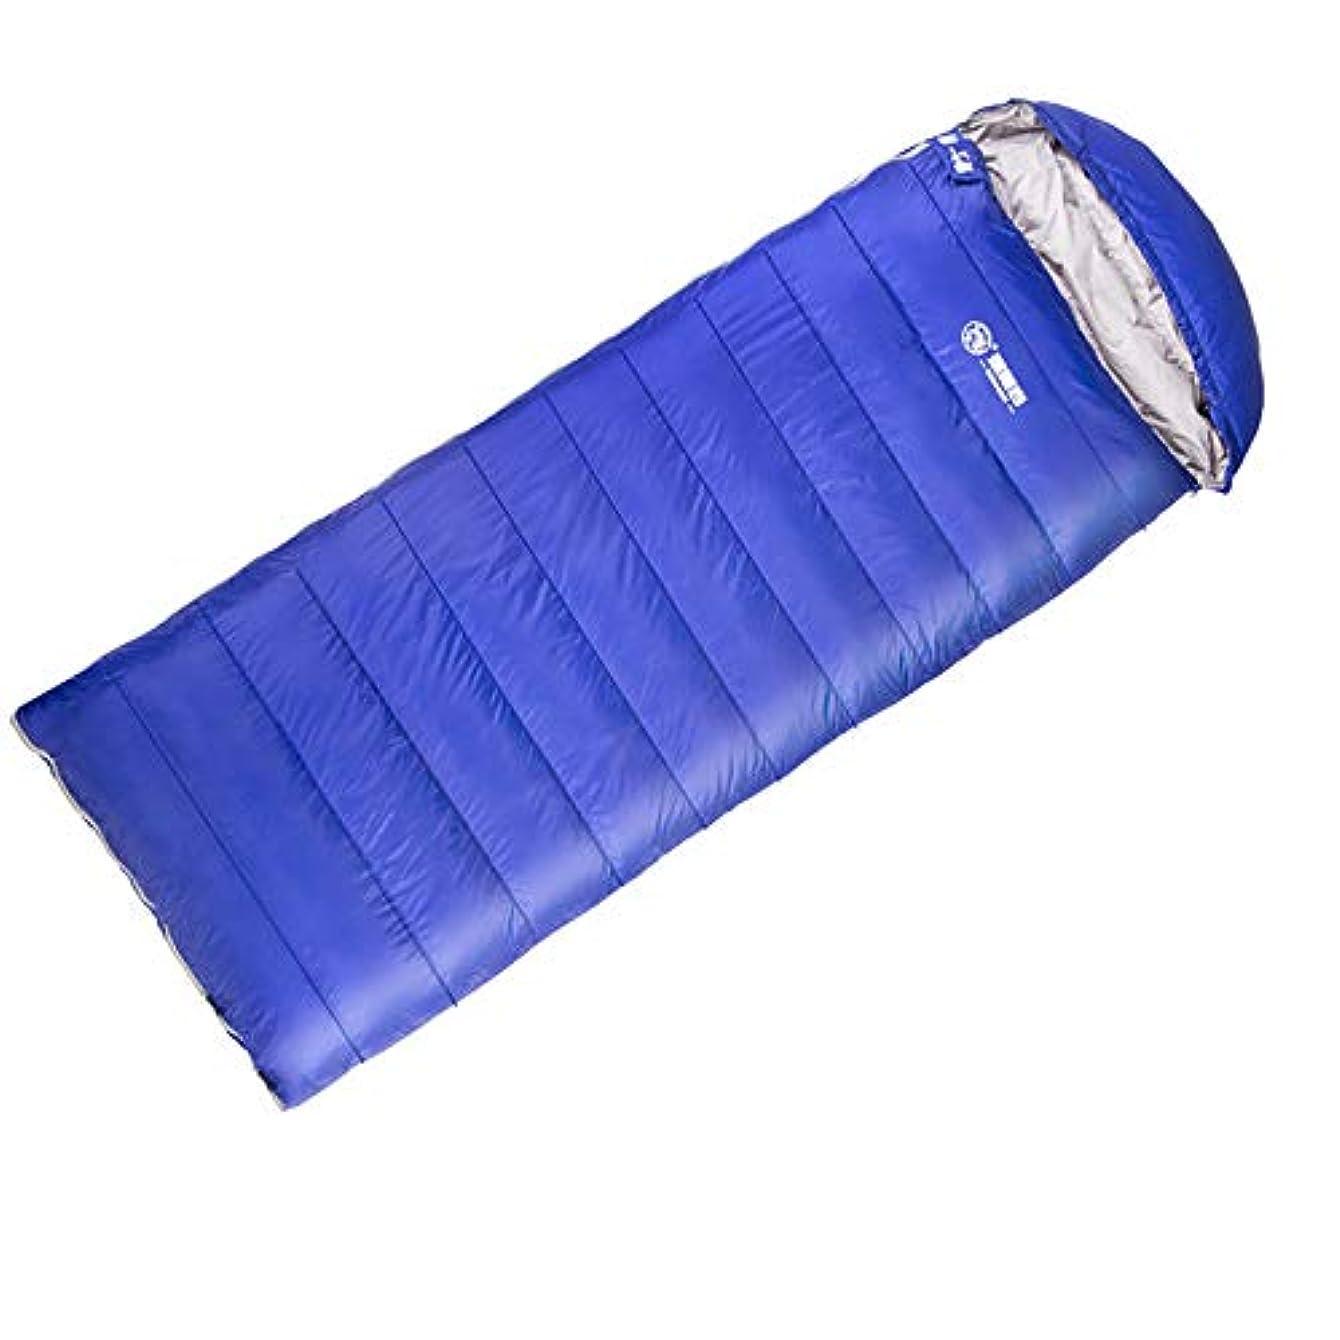 時計回りマンモス急降下寝袋内蔵ダックダウン、撥水、幅広く厚く、収納が簡単、持ち運びが簡単、自動運転ツアーに使用、キャンプ, Blue